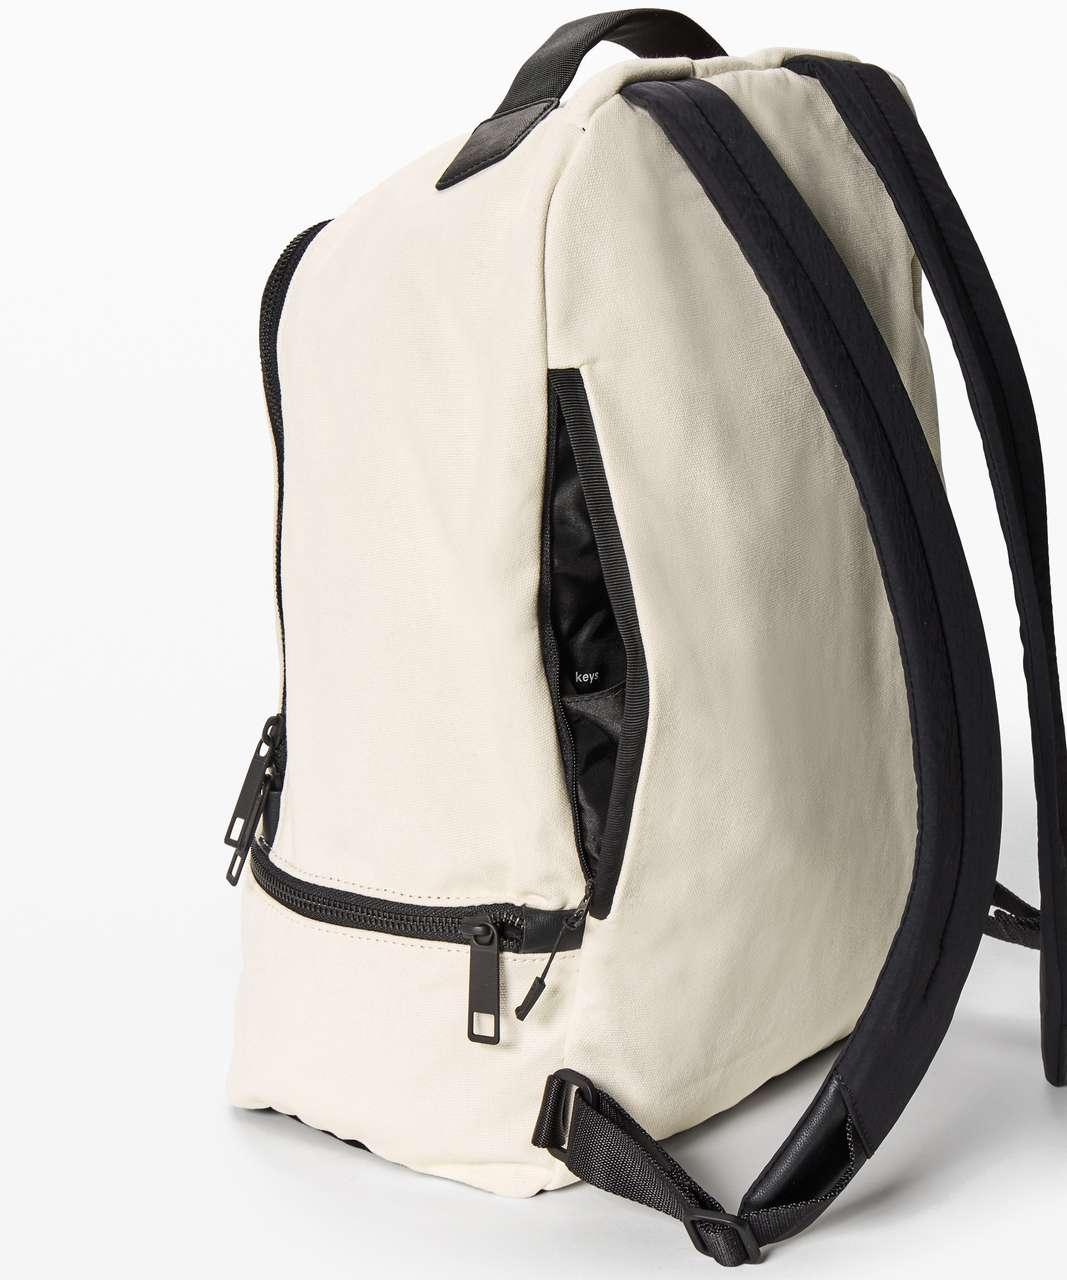 Lululemon City Adventurer Backpack *17L - Angel Wing